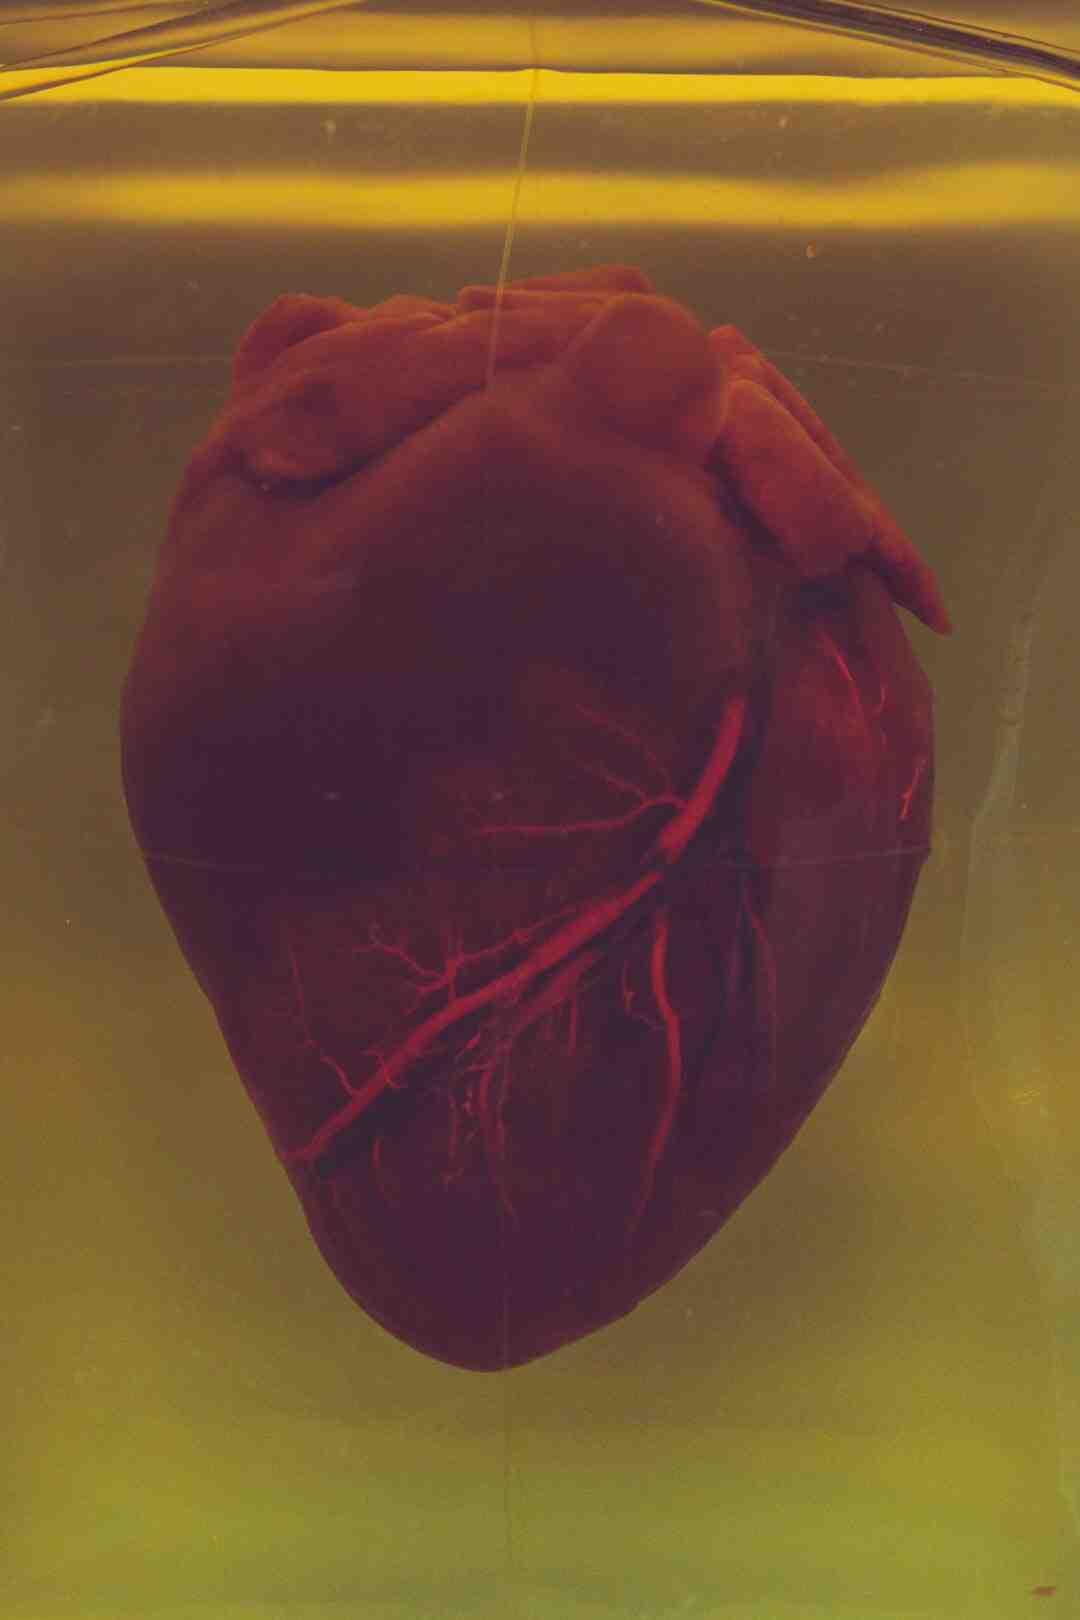 Comment soigner la calcification des artères ?